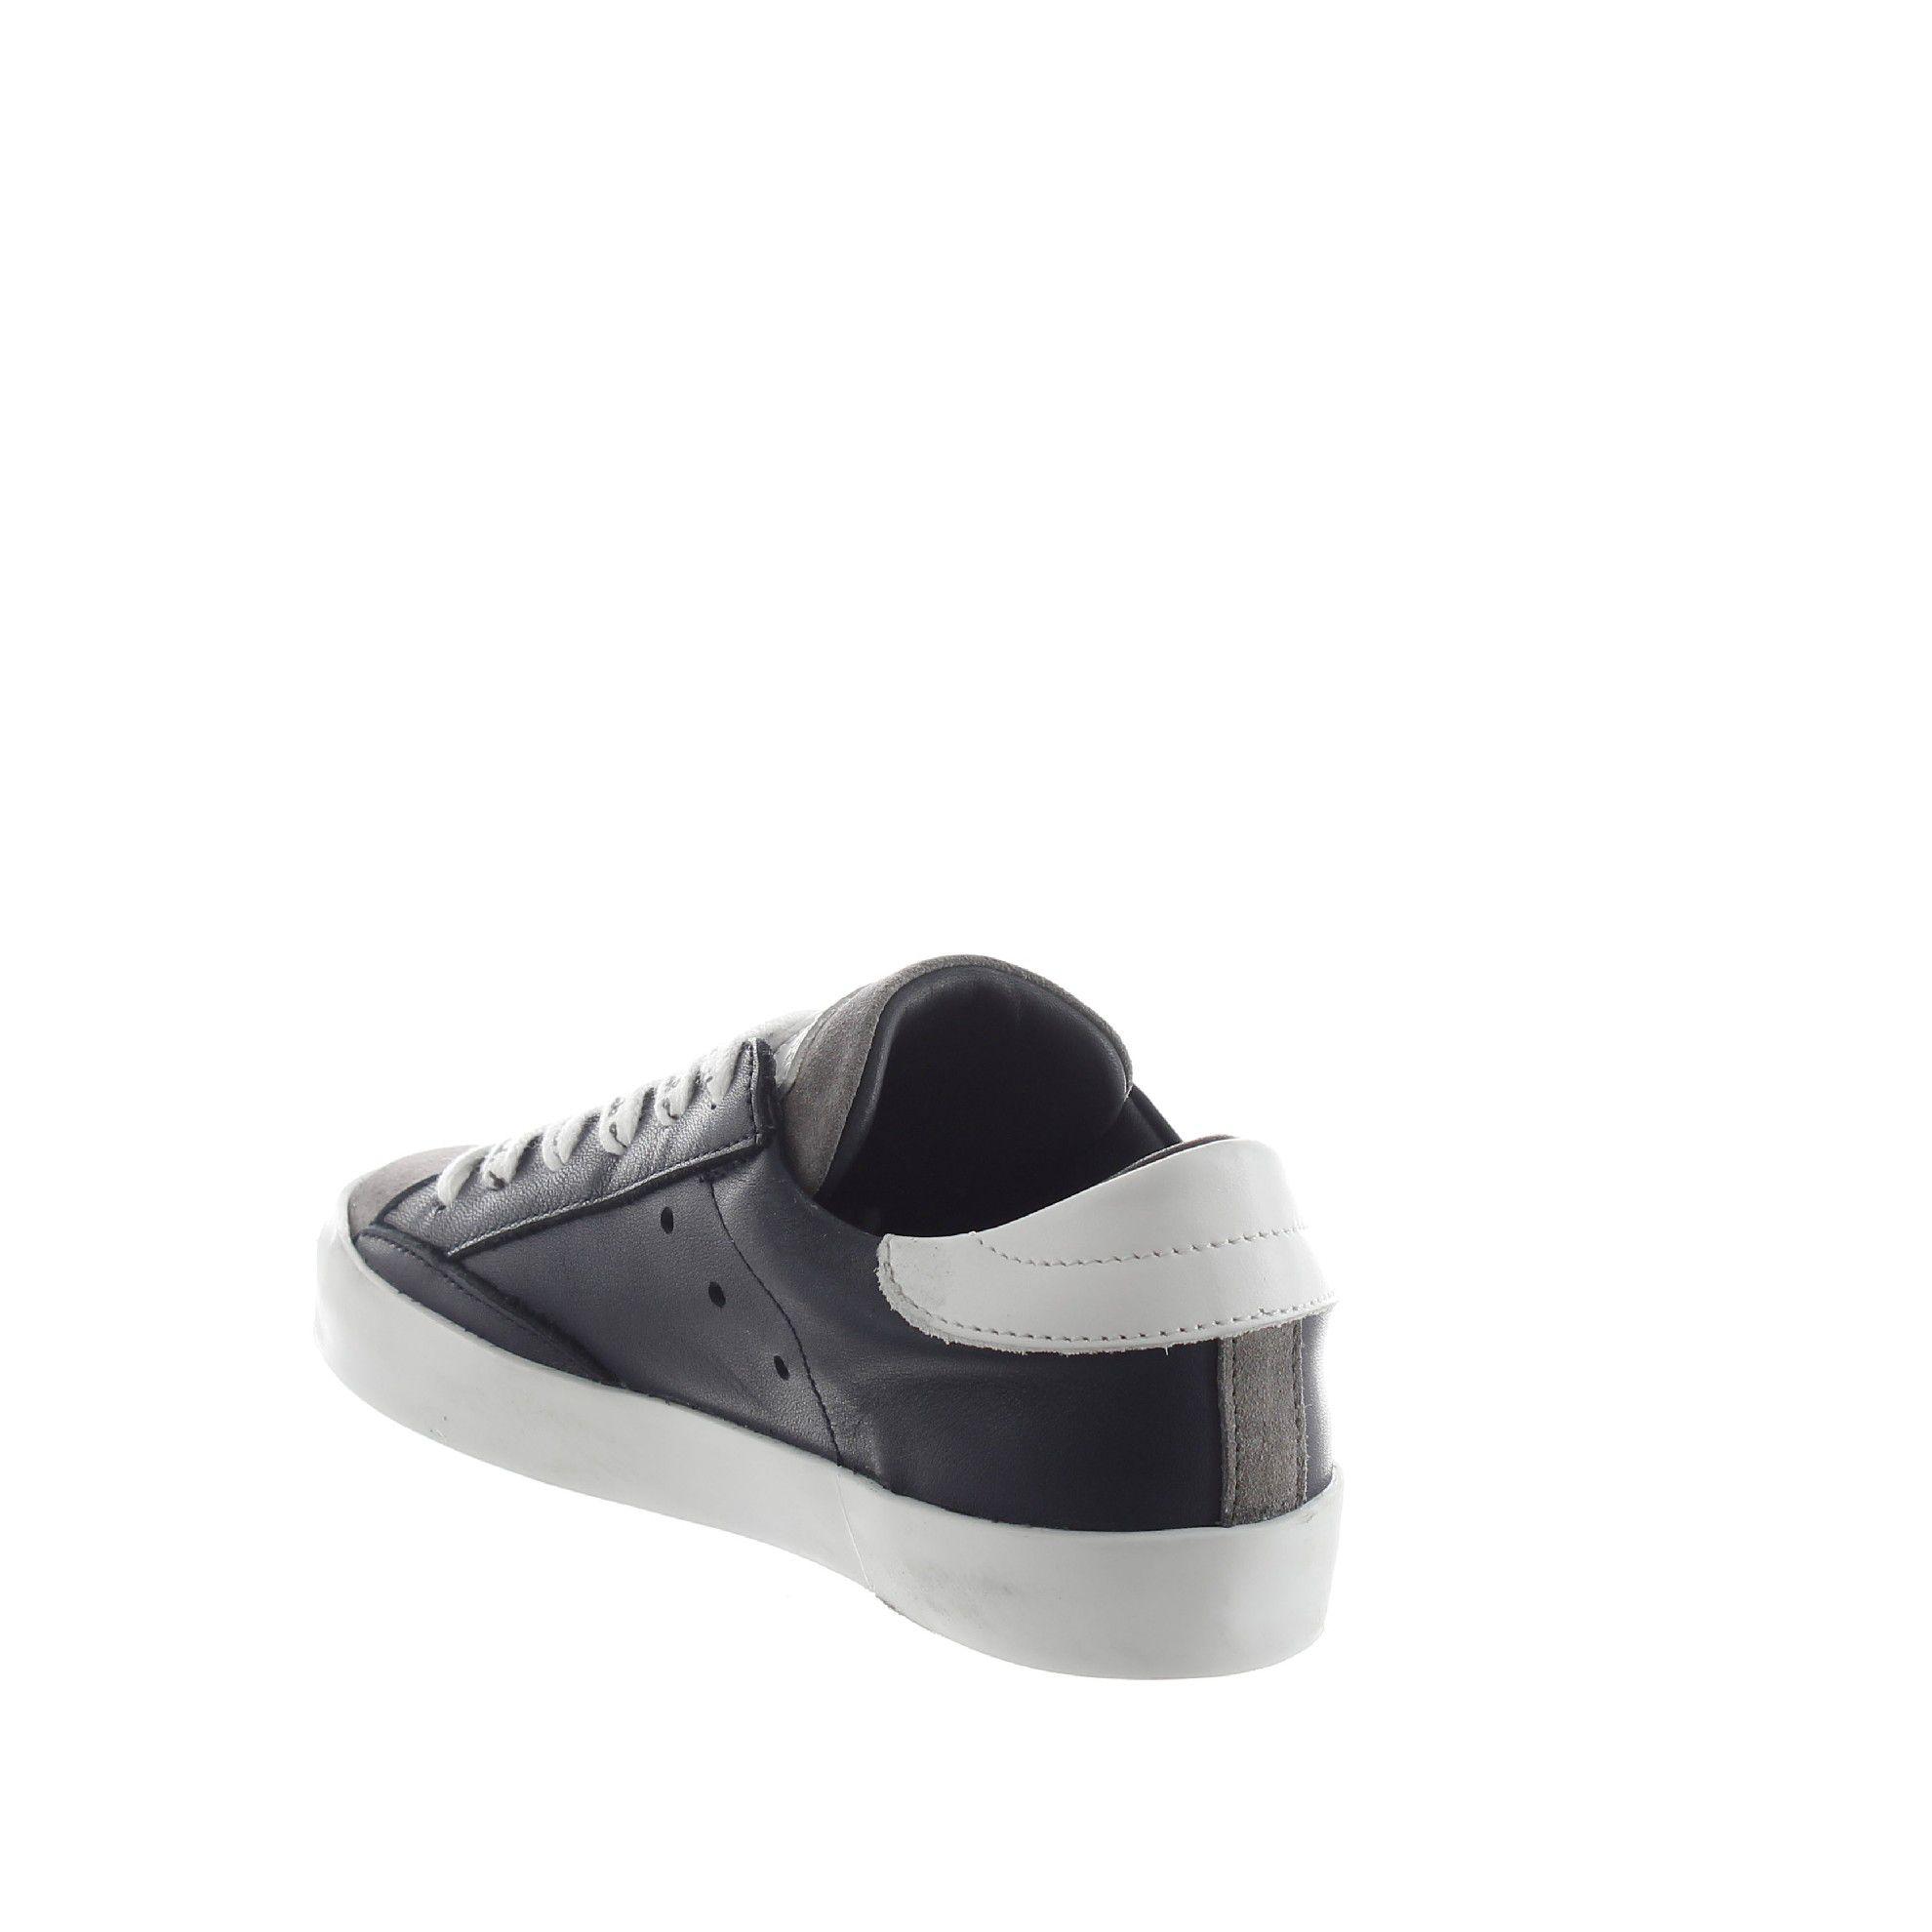 Philippe model sneaker paris l in pelle da bambino